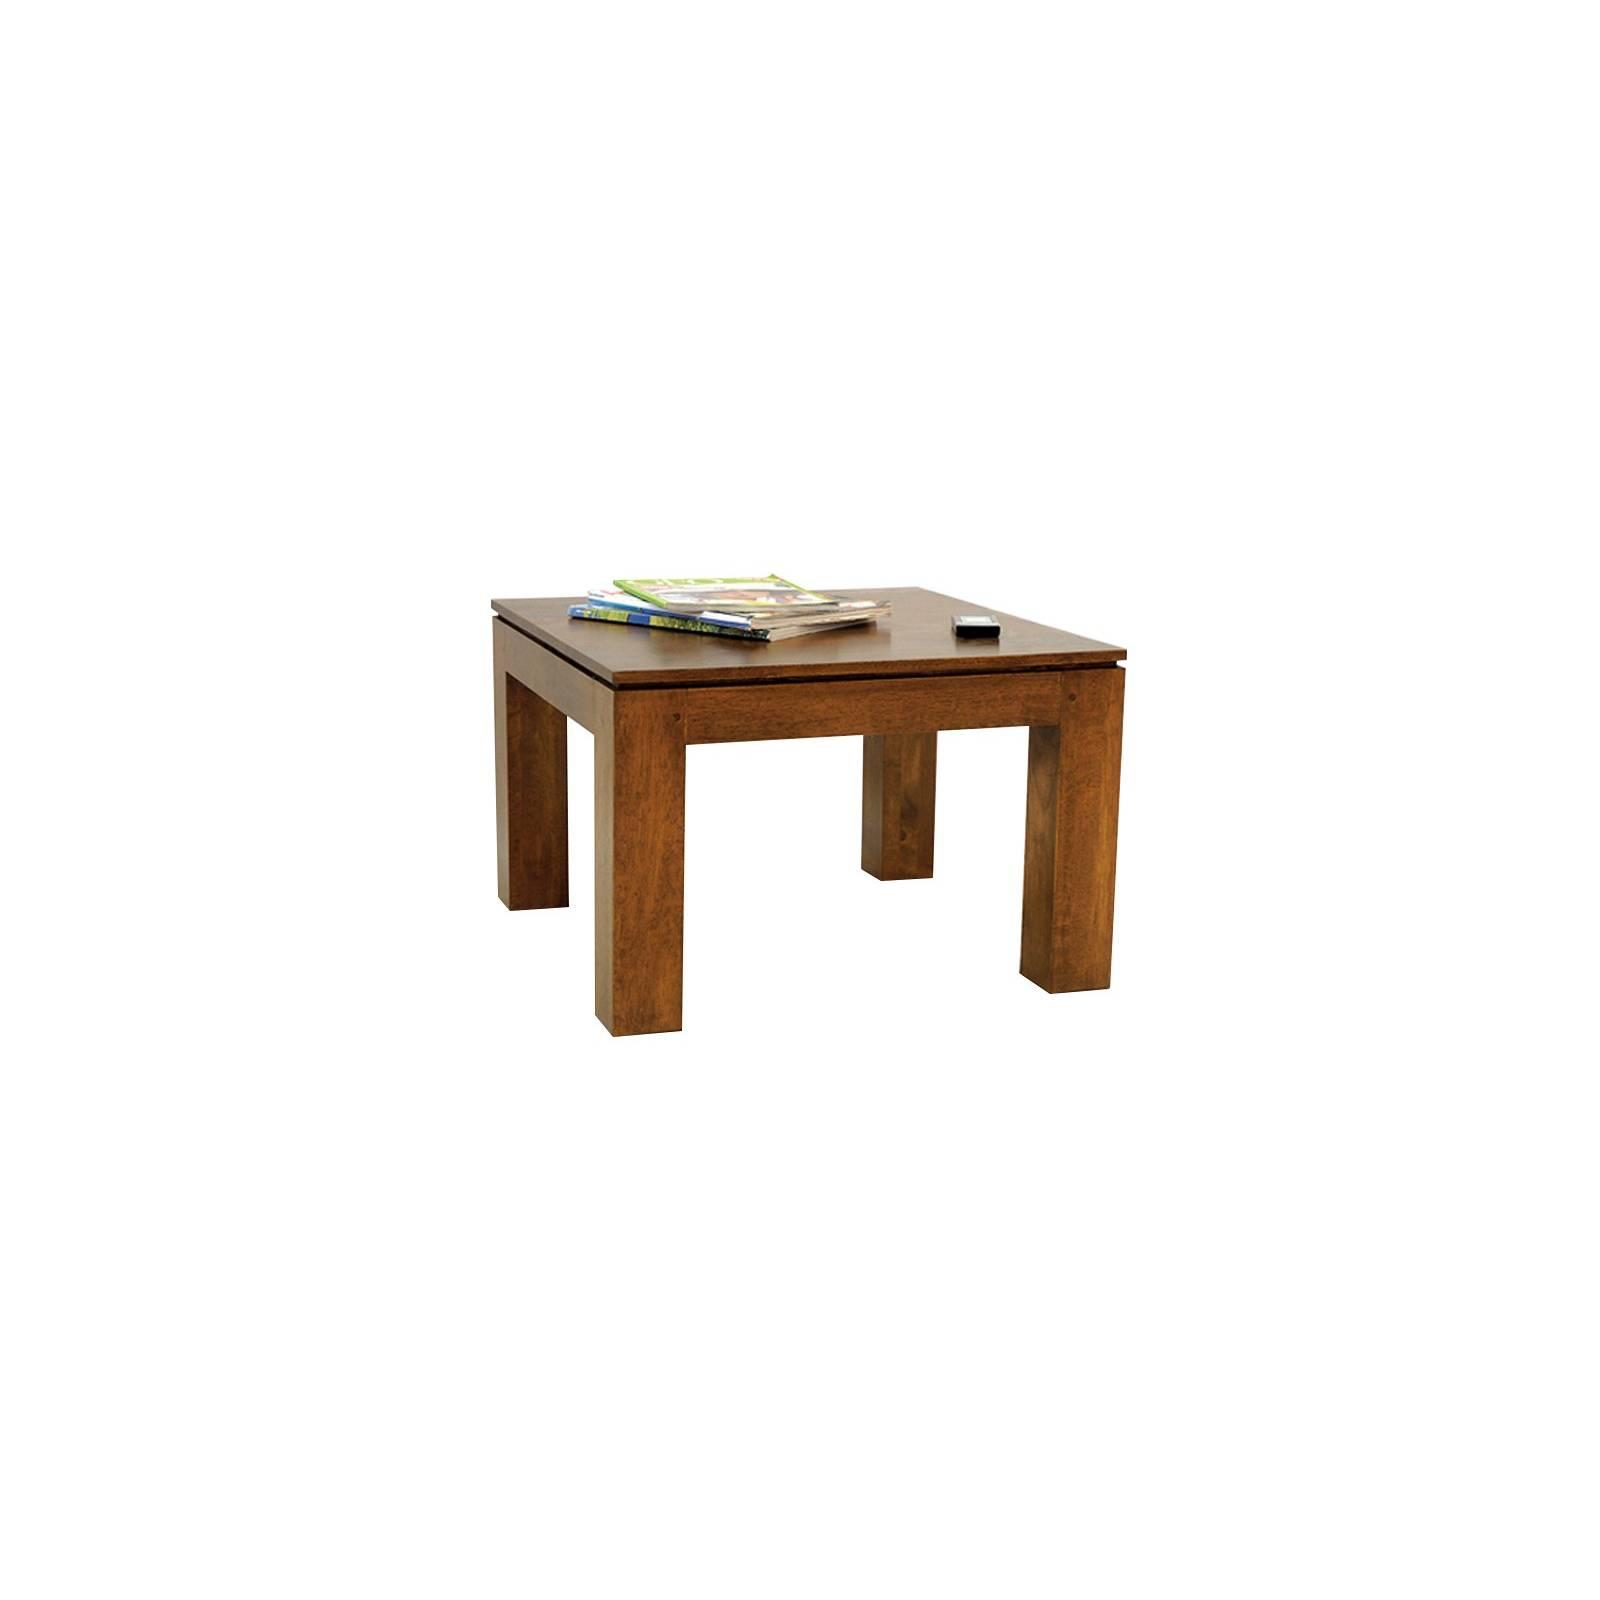 Table Basse Carrée Montréal Hévéa - meuble écologiques